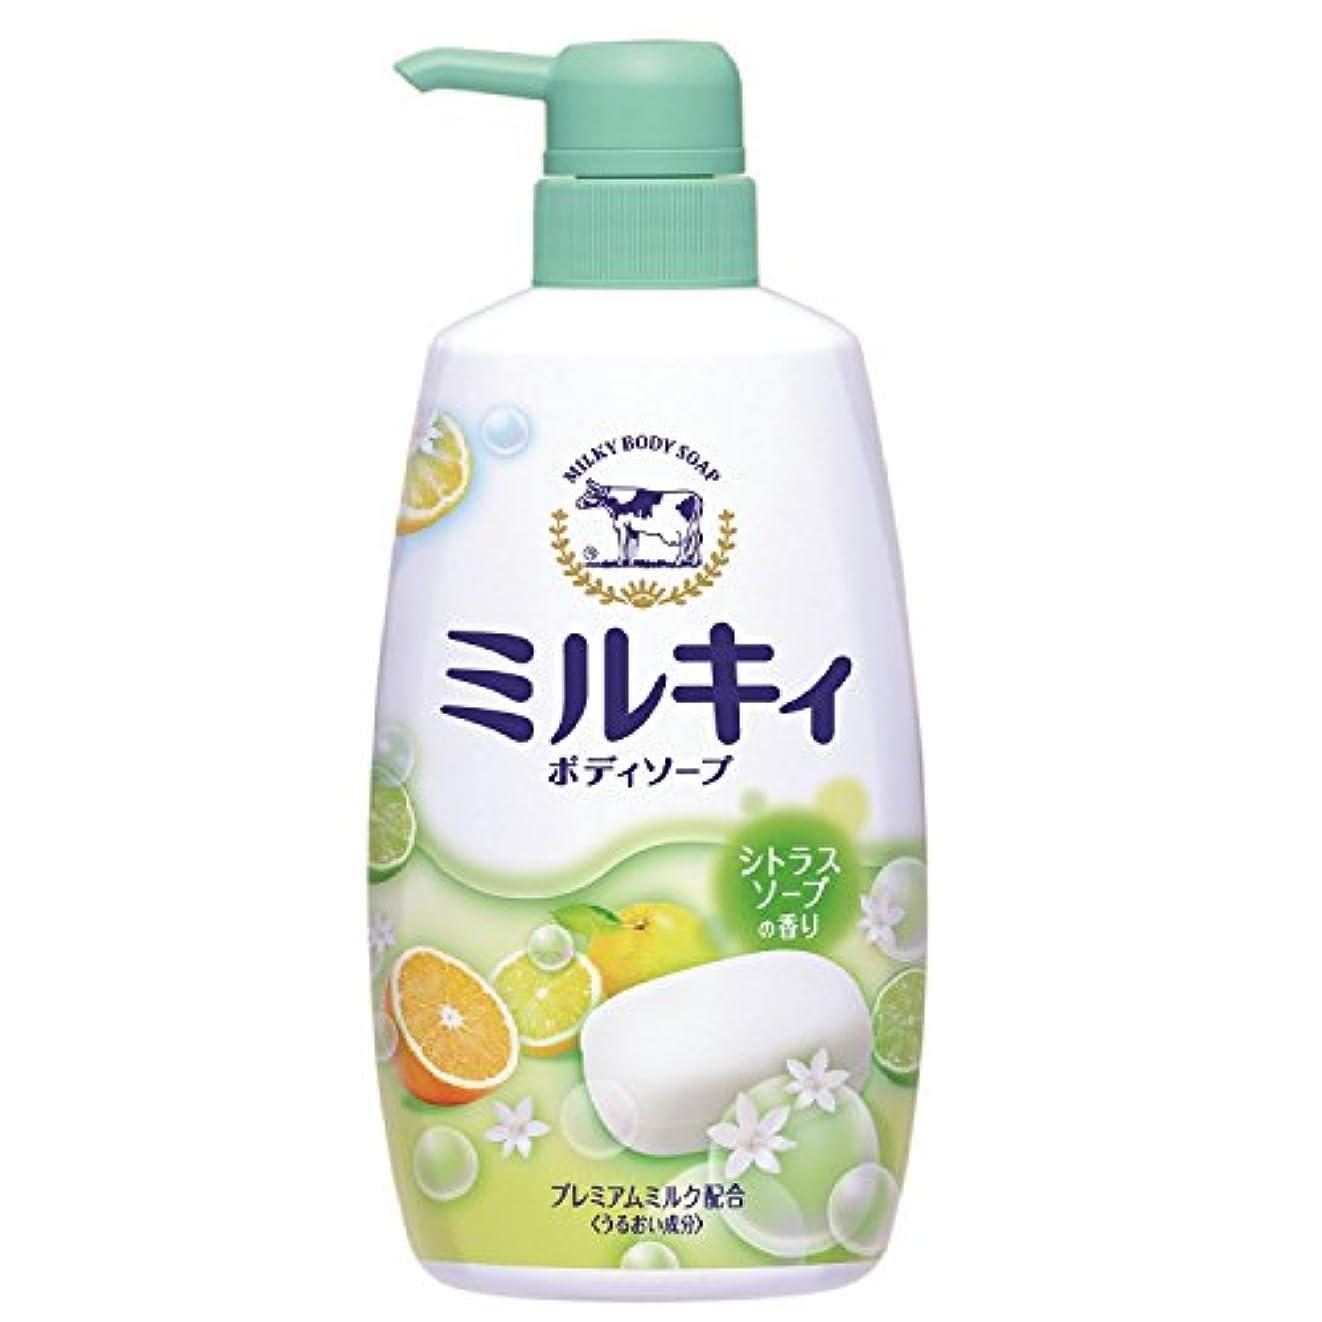 喜ぶ振動させるためにミルキィボディソープ シトラスソープの香り ポンプ 550mL